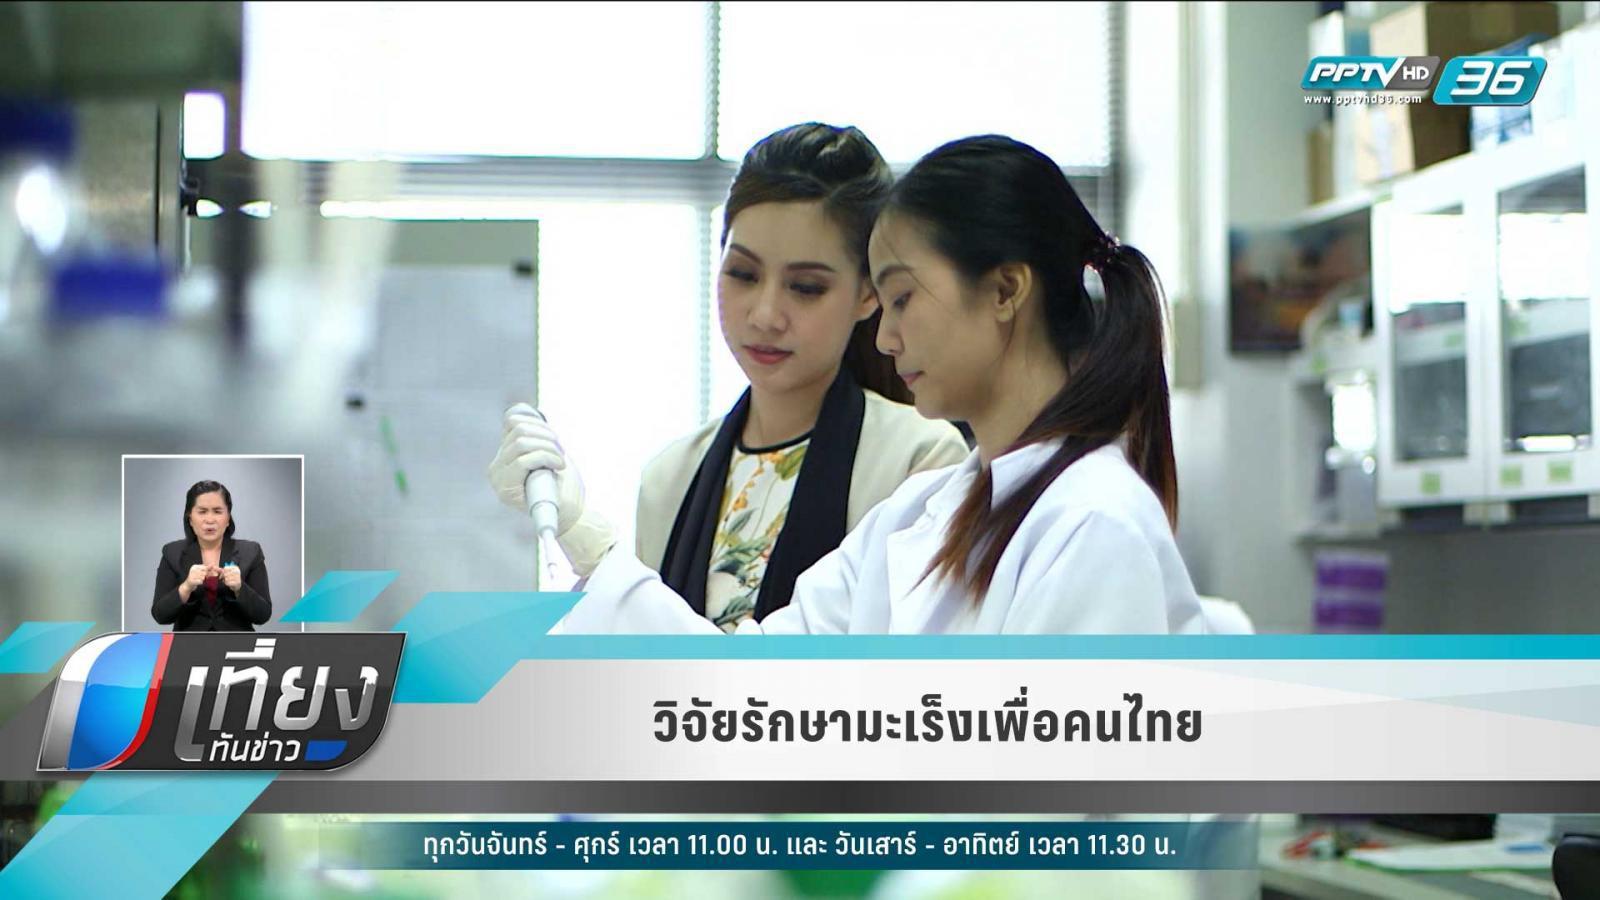 วิจัยยารักษามะเร็งเพื่อคนไทย